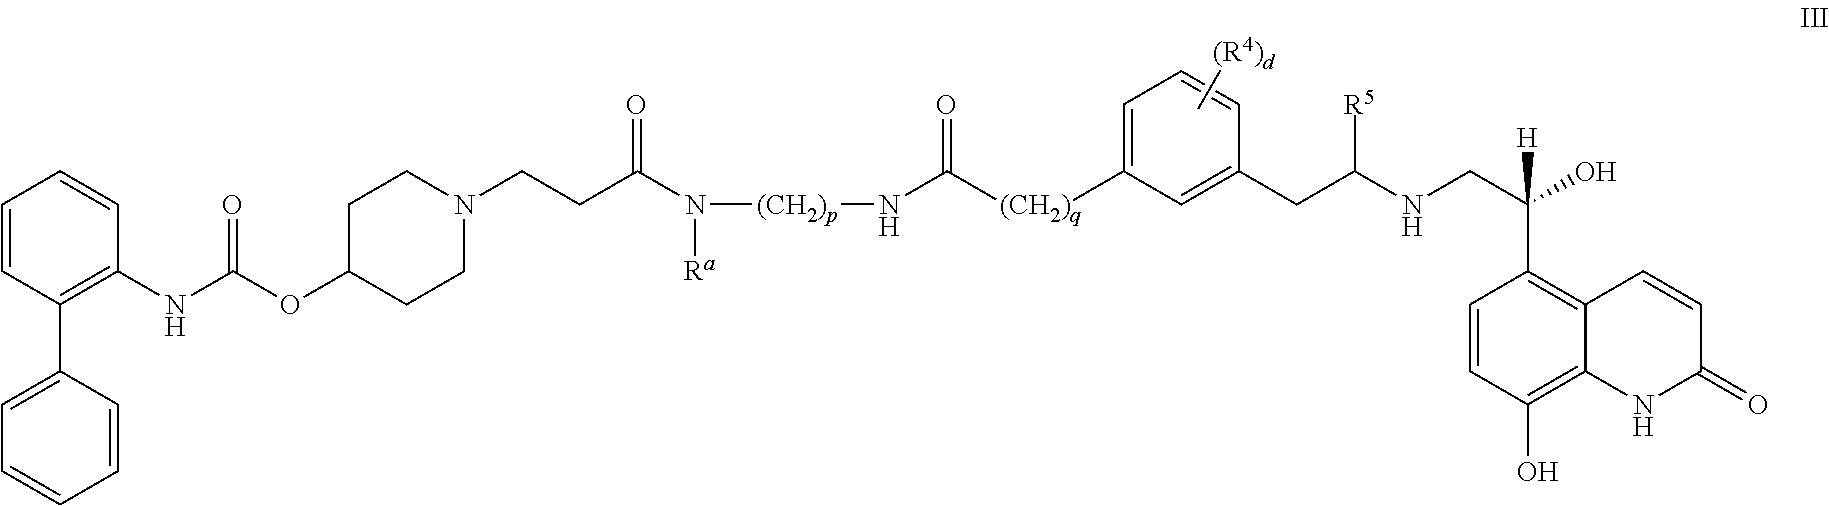 Figure US10138220-20181127-C00009